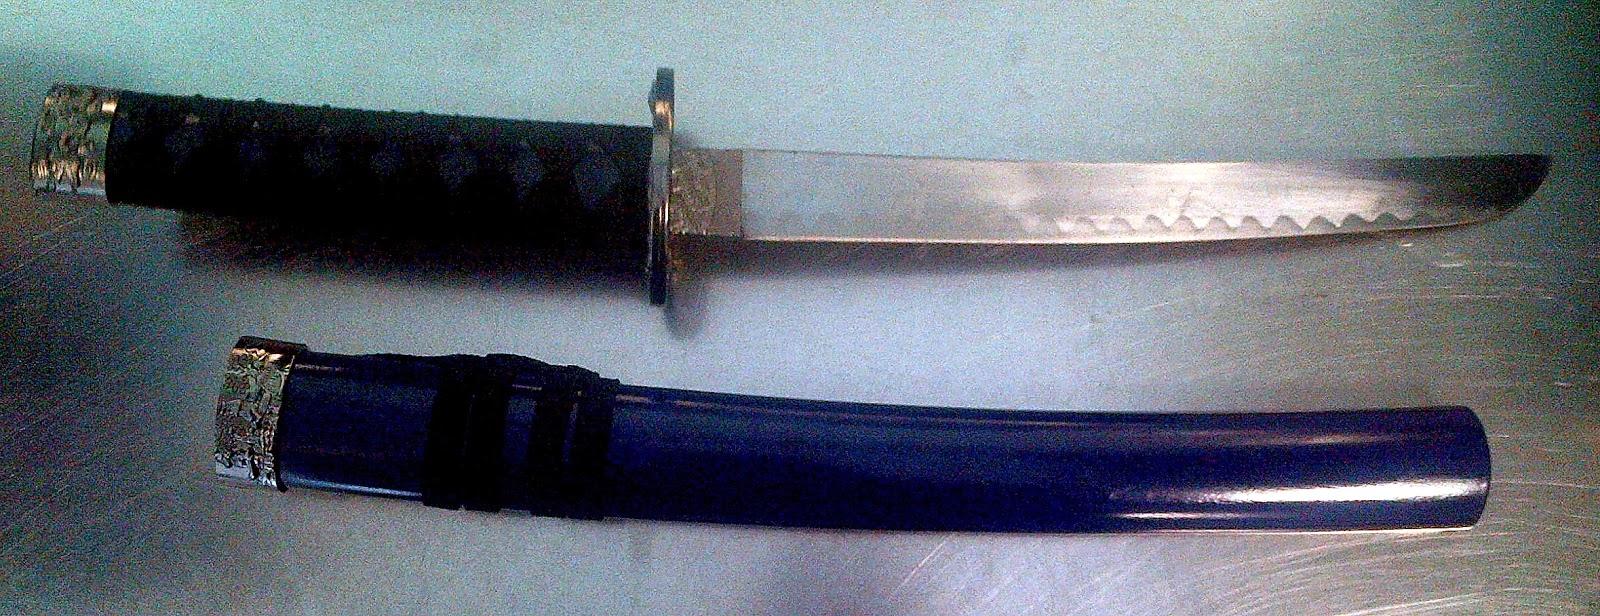 Samurai Sword (LAX)